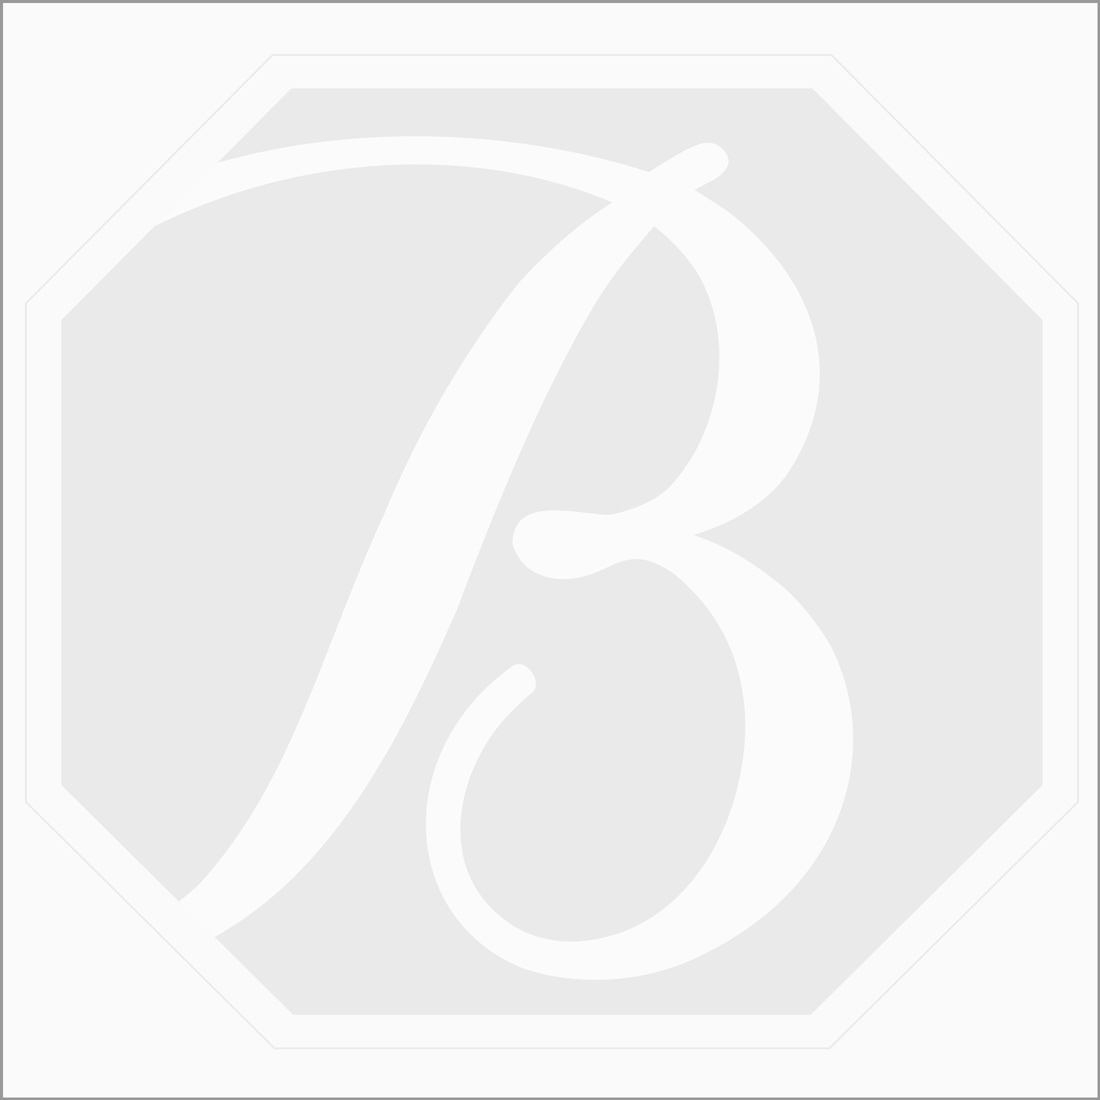 2 Pcs - Dark Green Tourmaline Rose Cuts - 9.65 ct. - 16.4 x 14.4 x 2.3 mm & 16.5 x 13.5 x 2.6 mm (TRC1032)